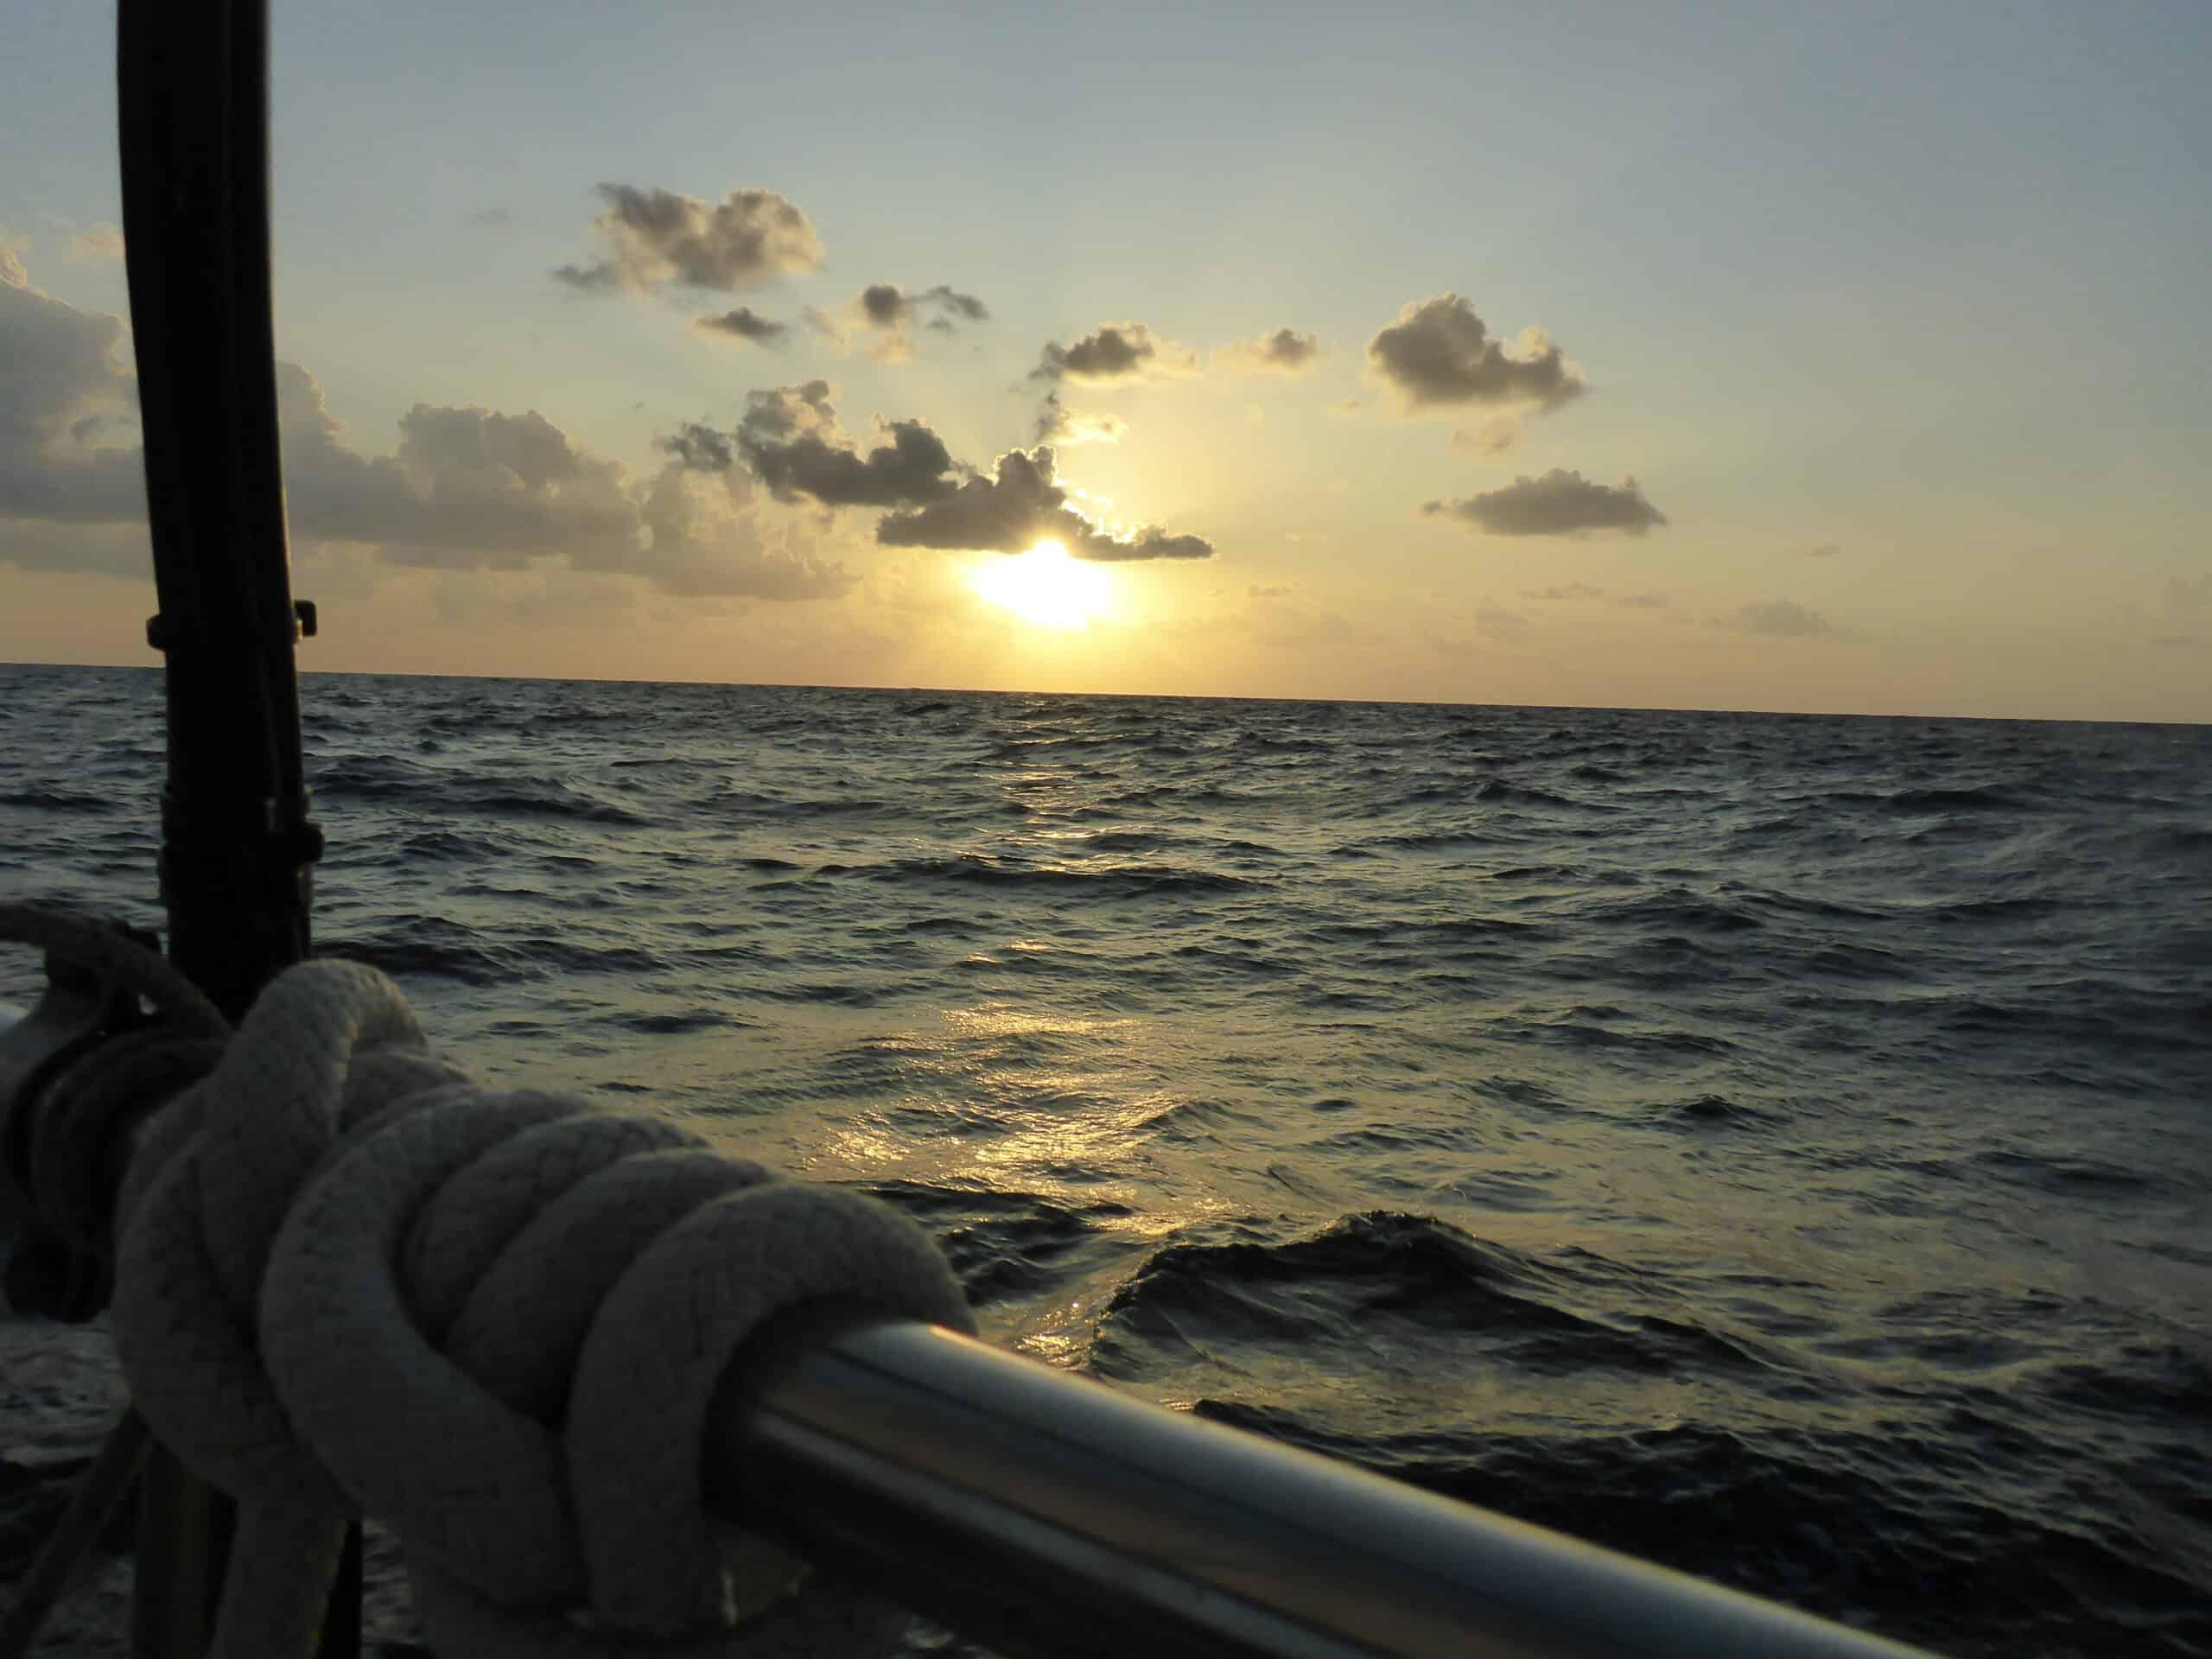 Schiff-Mittelmeer